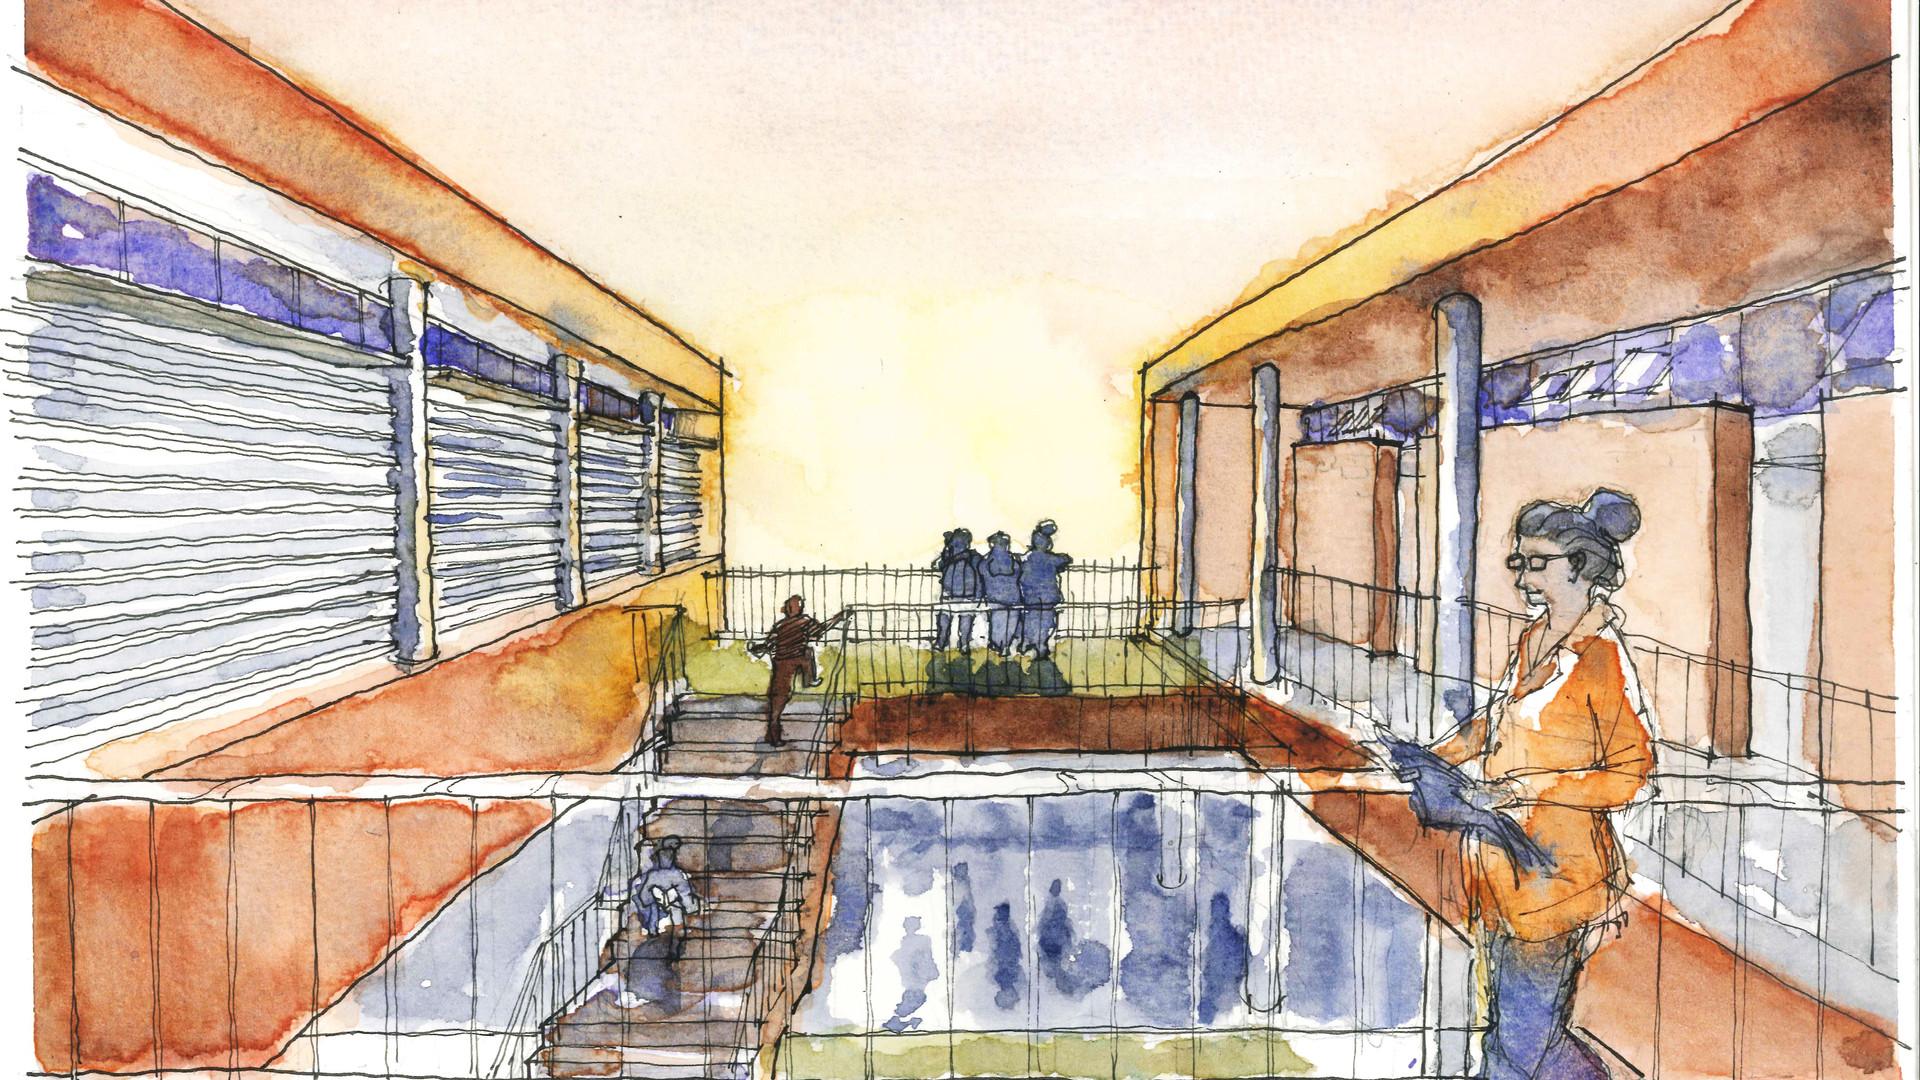 Entre_salas_Escola Crixá Distrito Federal - YVA Arquitetura